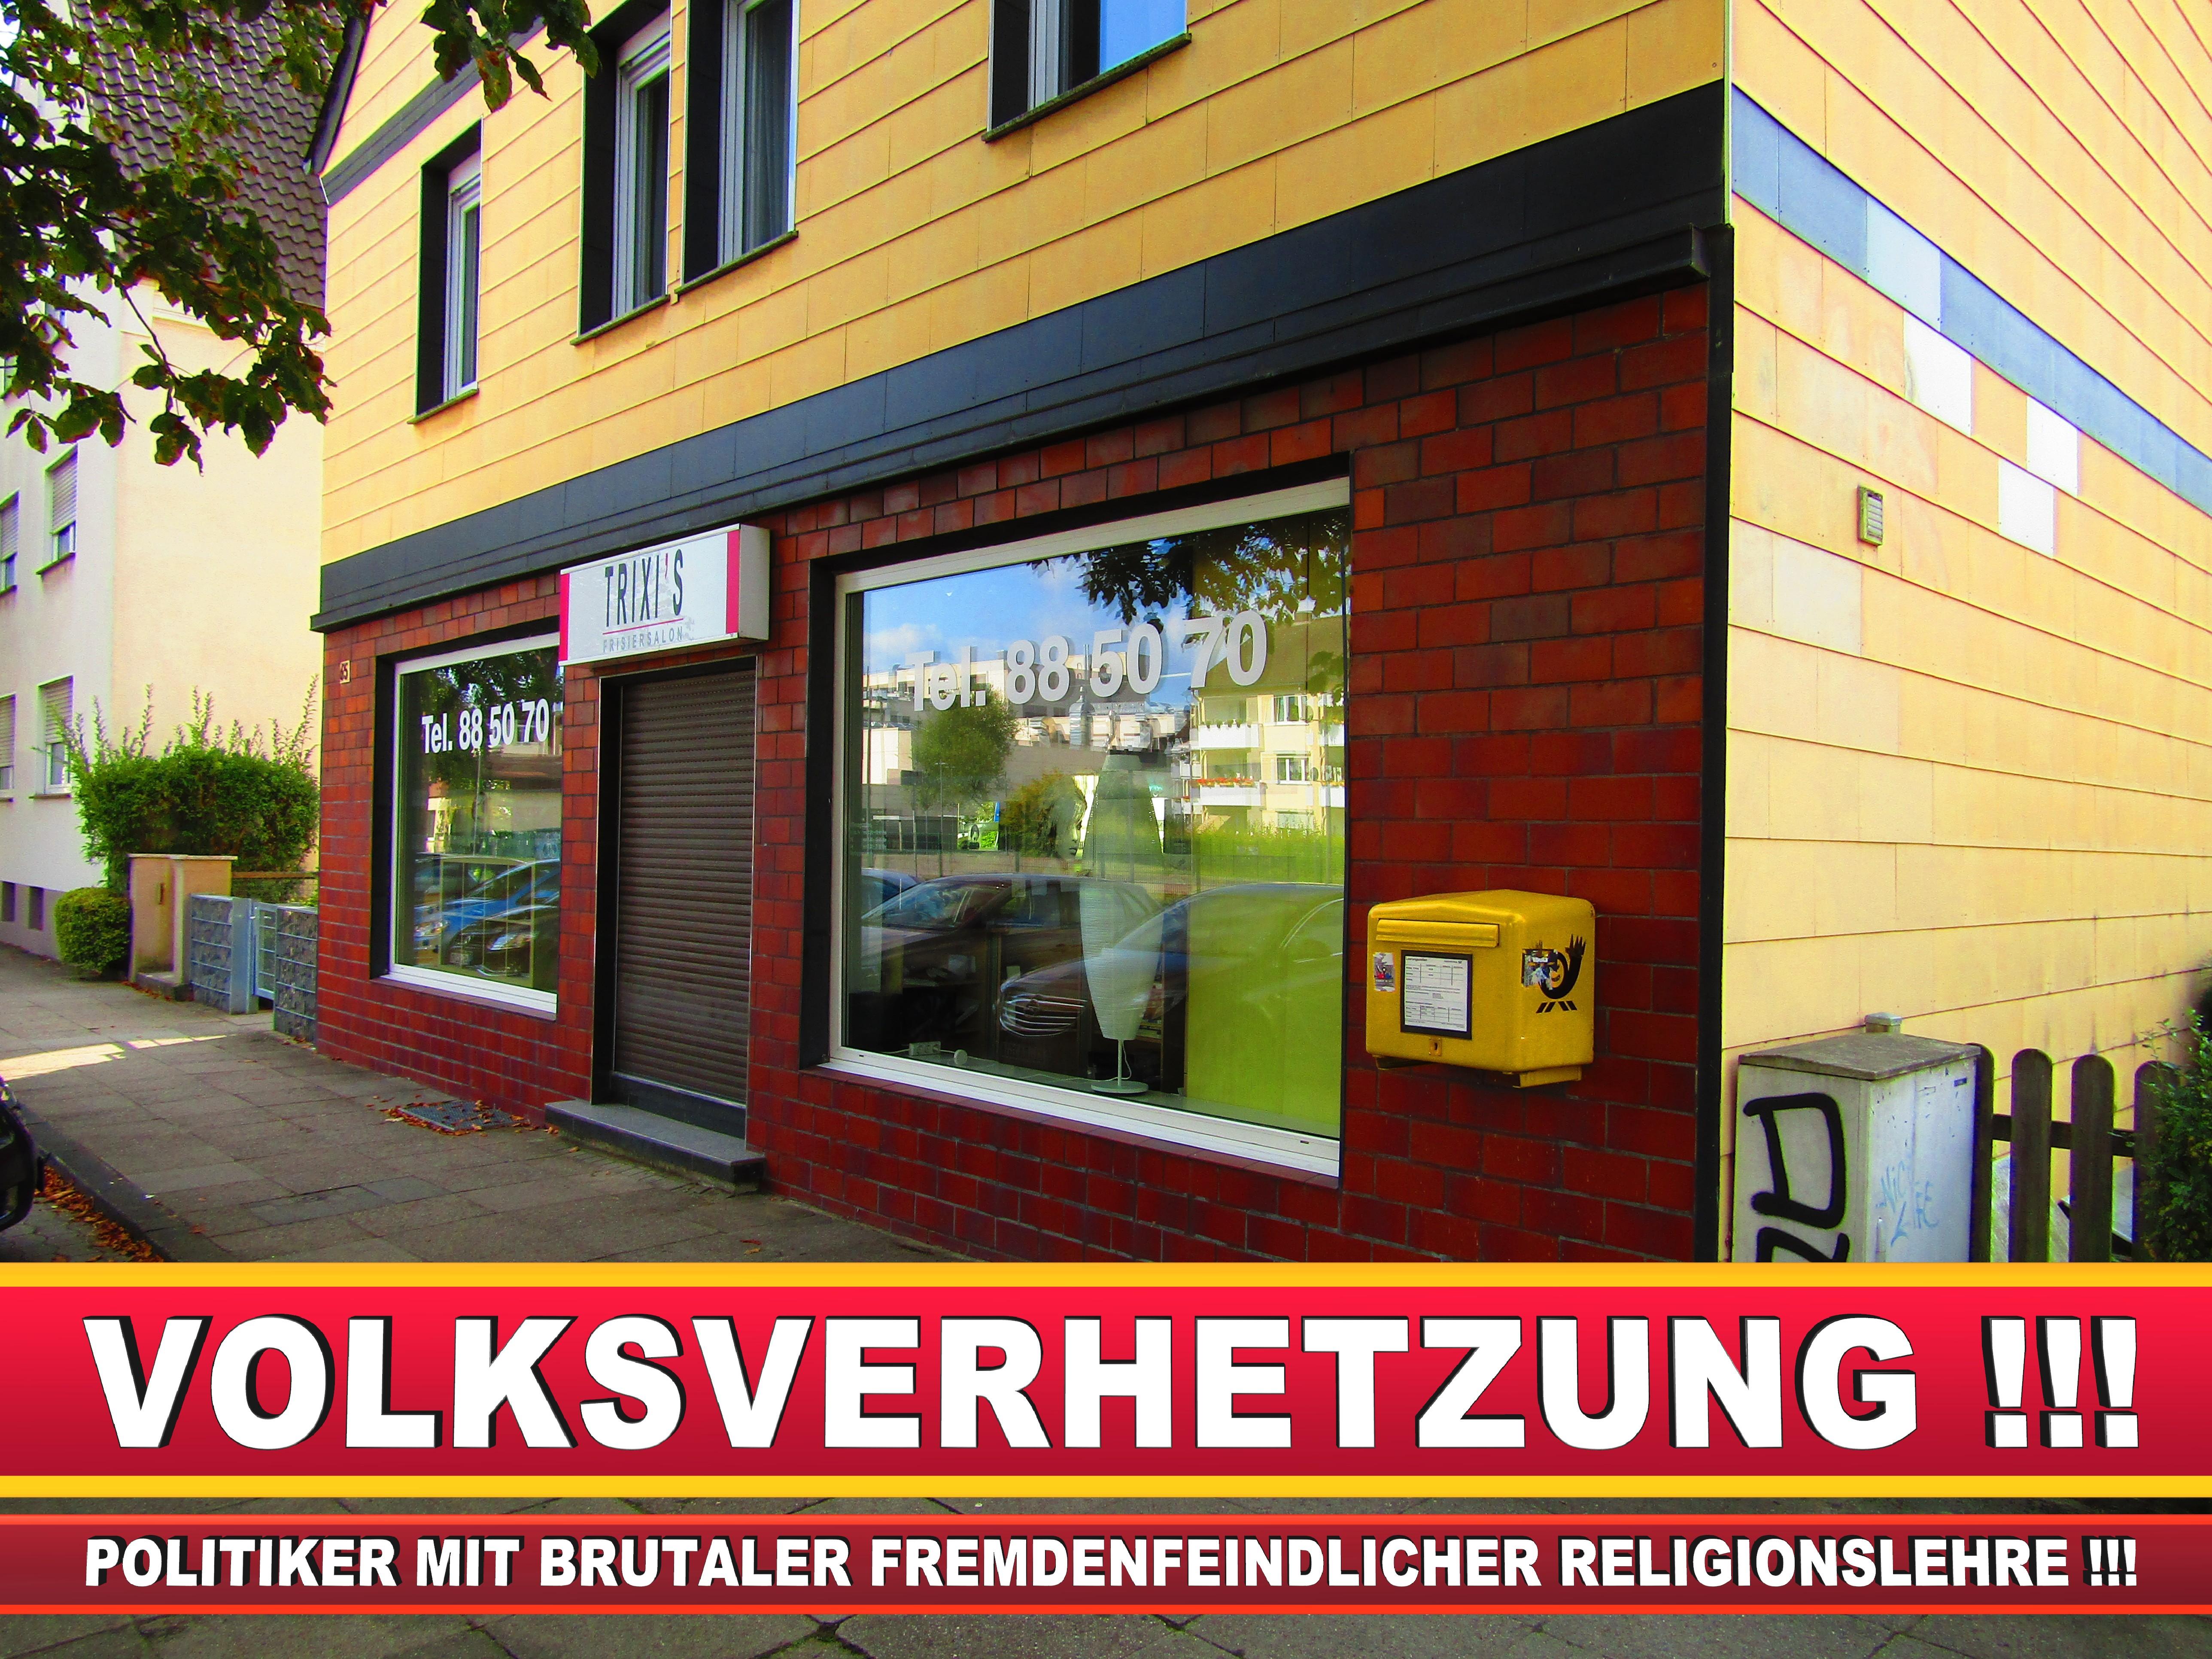 PATRICIA WEHMEYER TRIXI CDU BIELEFELD HAIRSALON FRISEUR (12) LANDTAGSWAHL BUNDESTAGSWAHL BÜRGERMEISTERWAHL